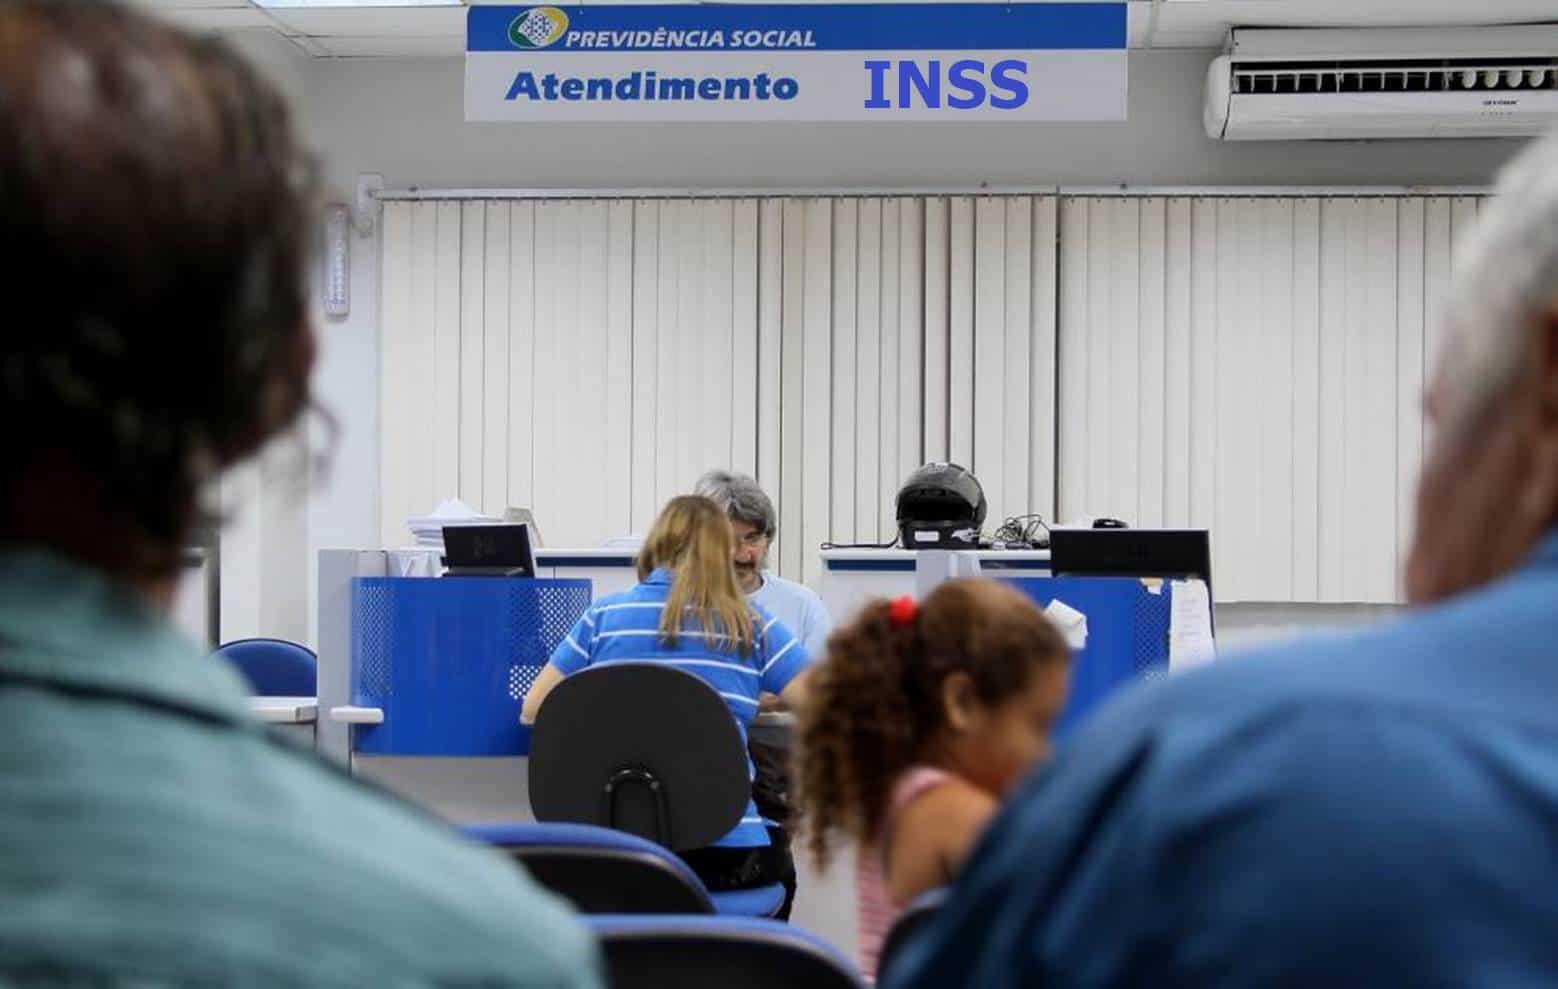 Aposentados e pensionistas do INSS quem não fizer recadastramento terá benefício suspenso